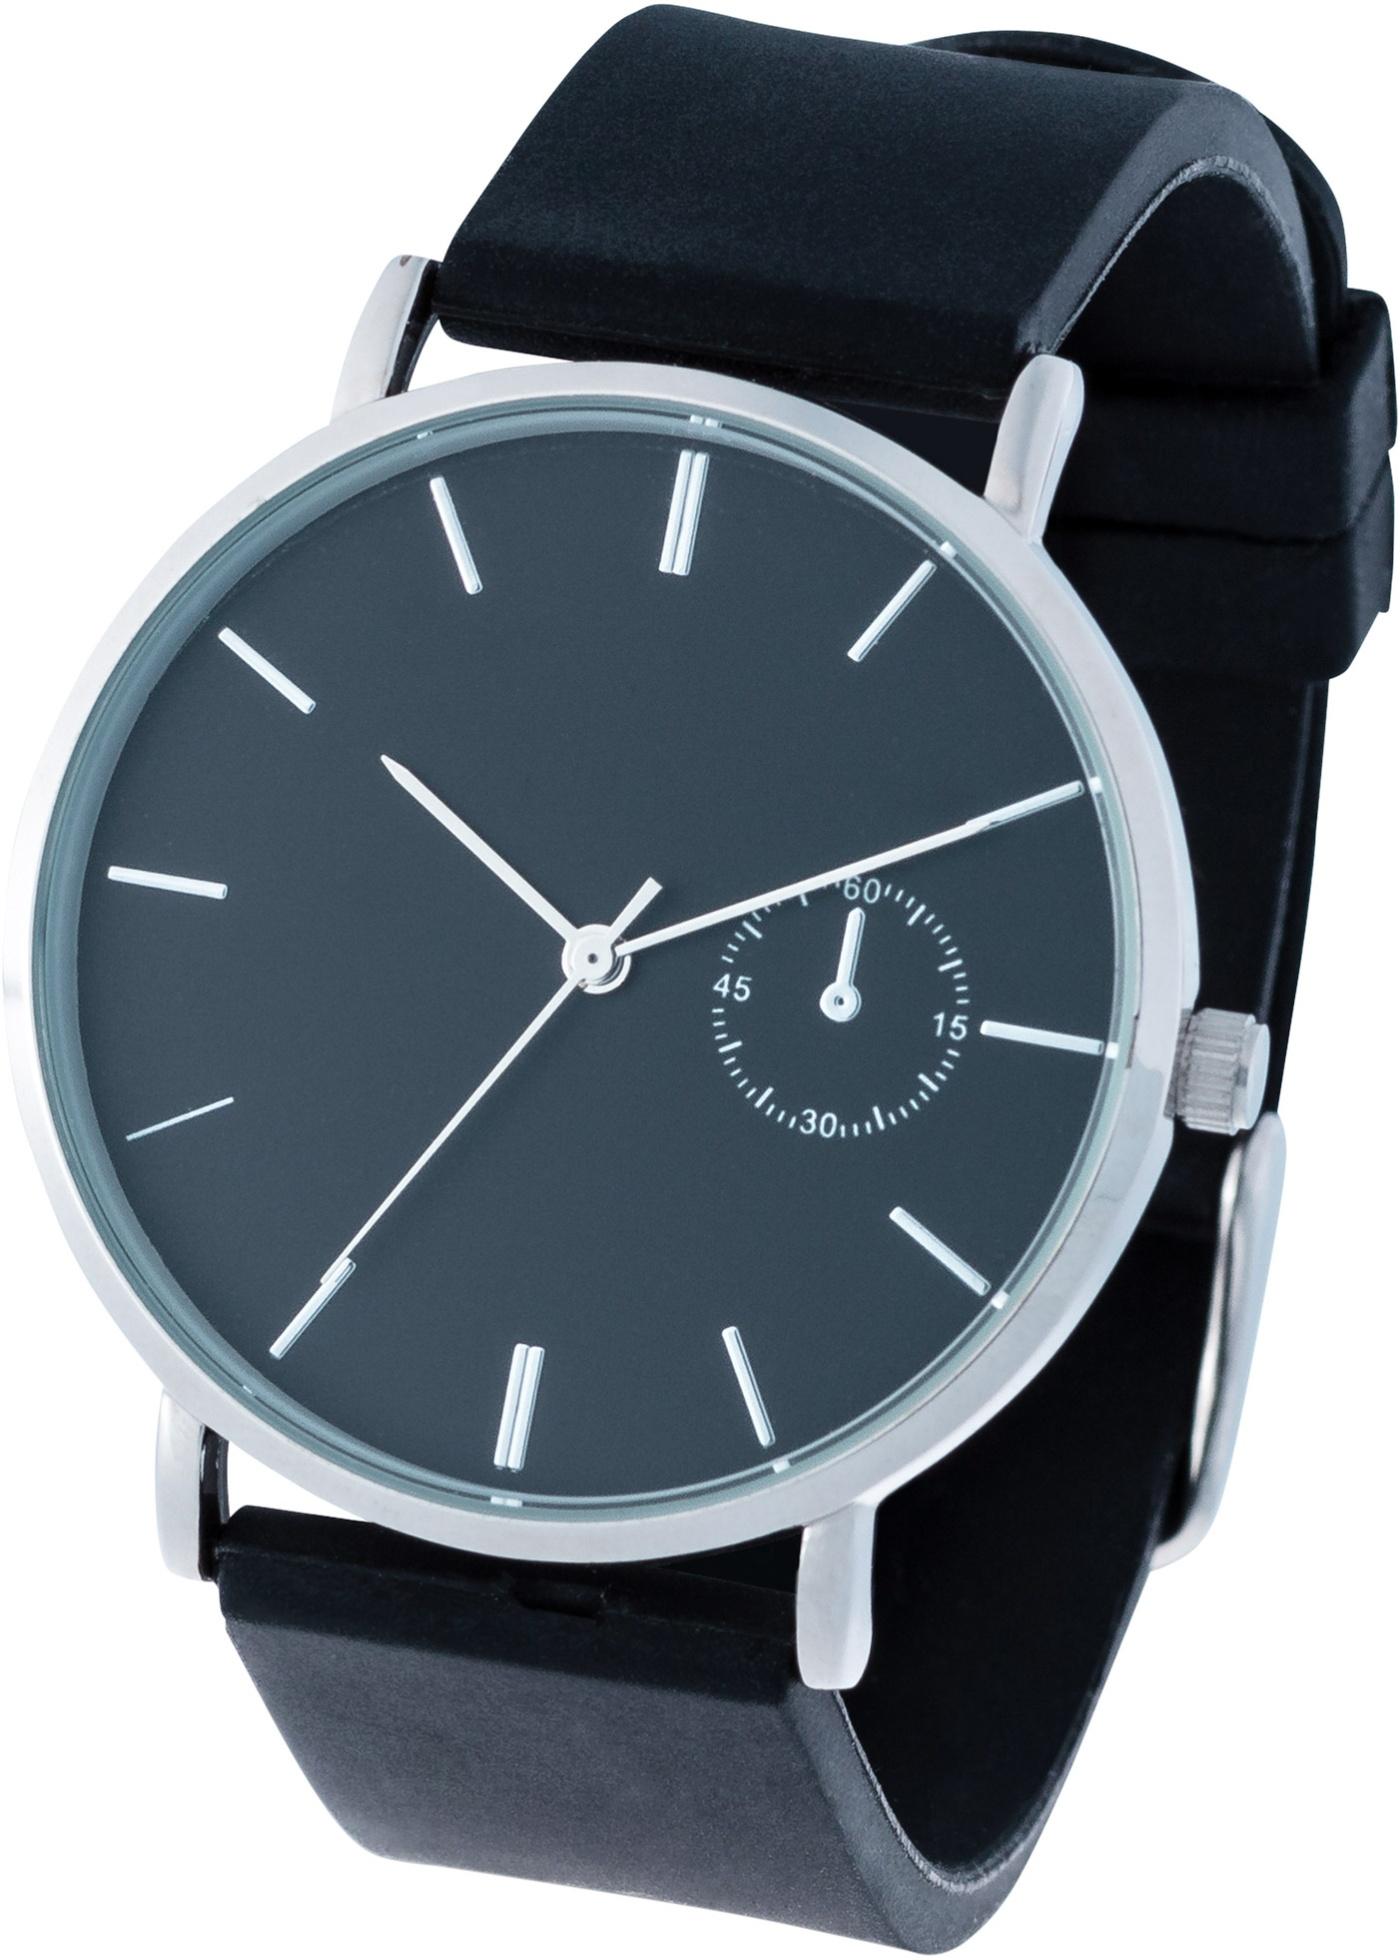 Naramkove digitalni hodinky silikonove levně  b1696e5b9c